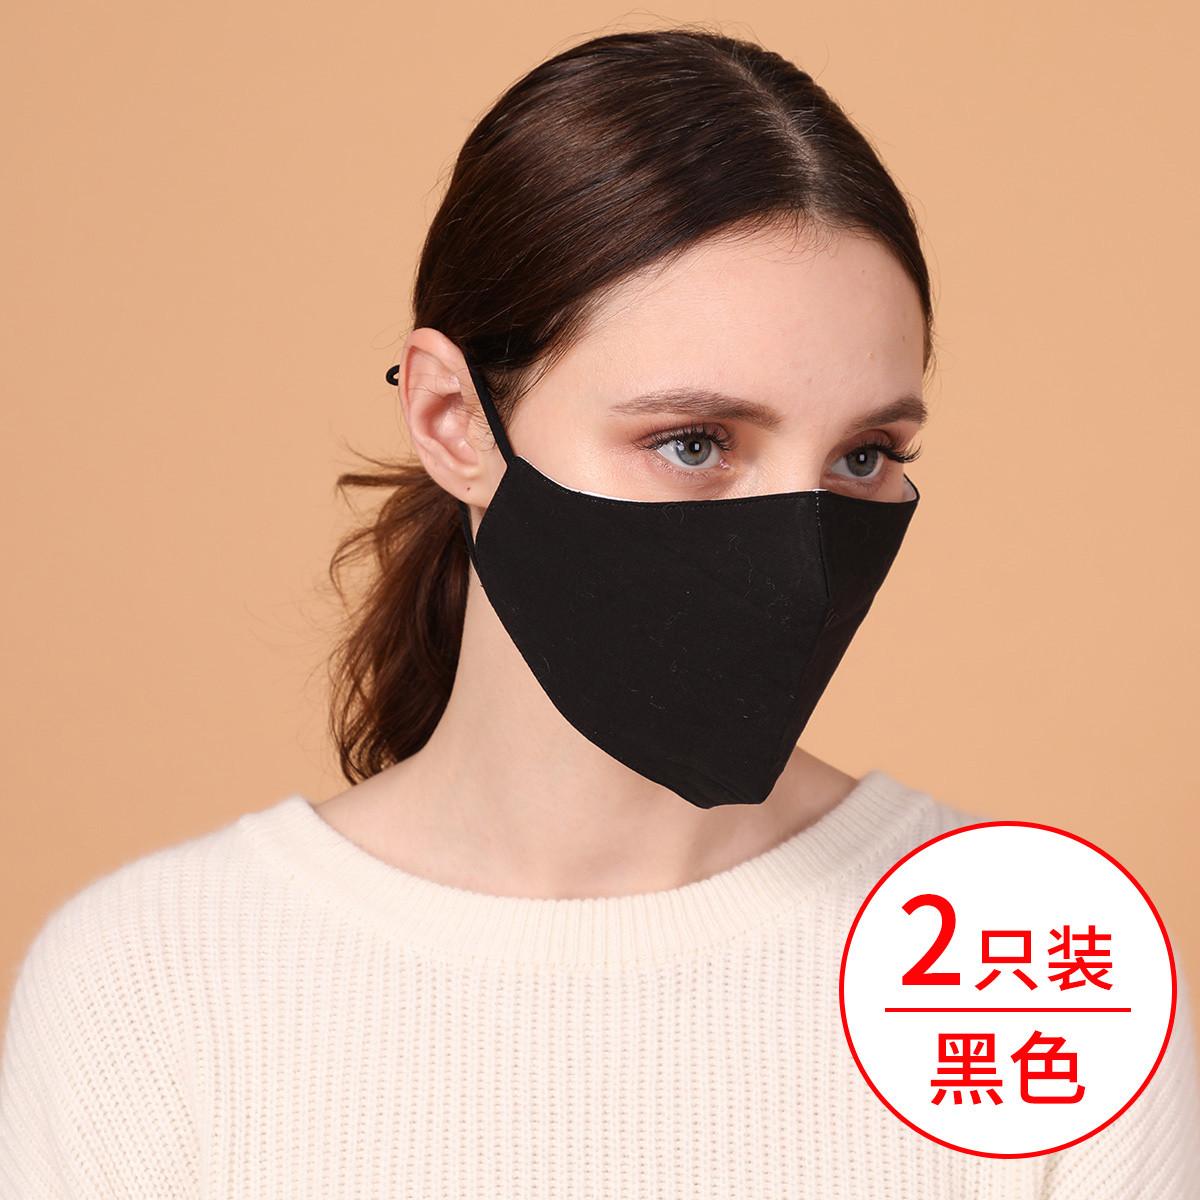 2只装防护口罩棉质防飞沫防晒防唾沫透气防护口罩